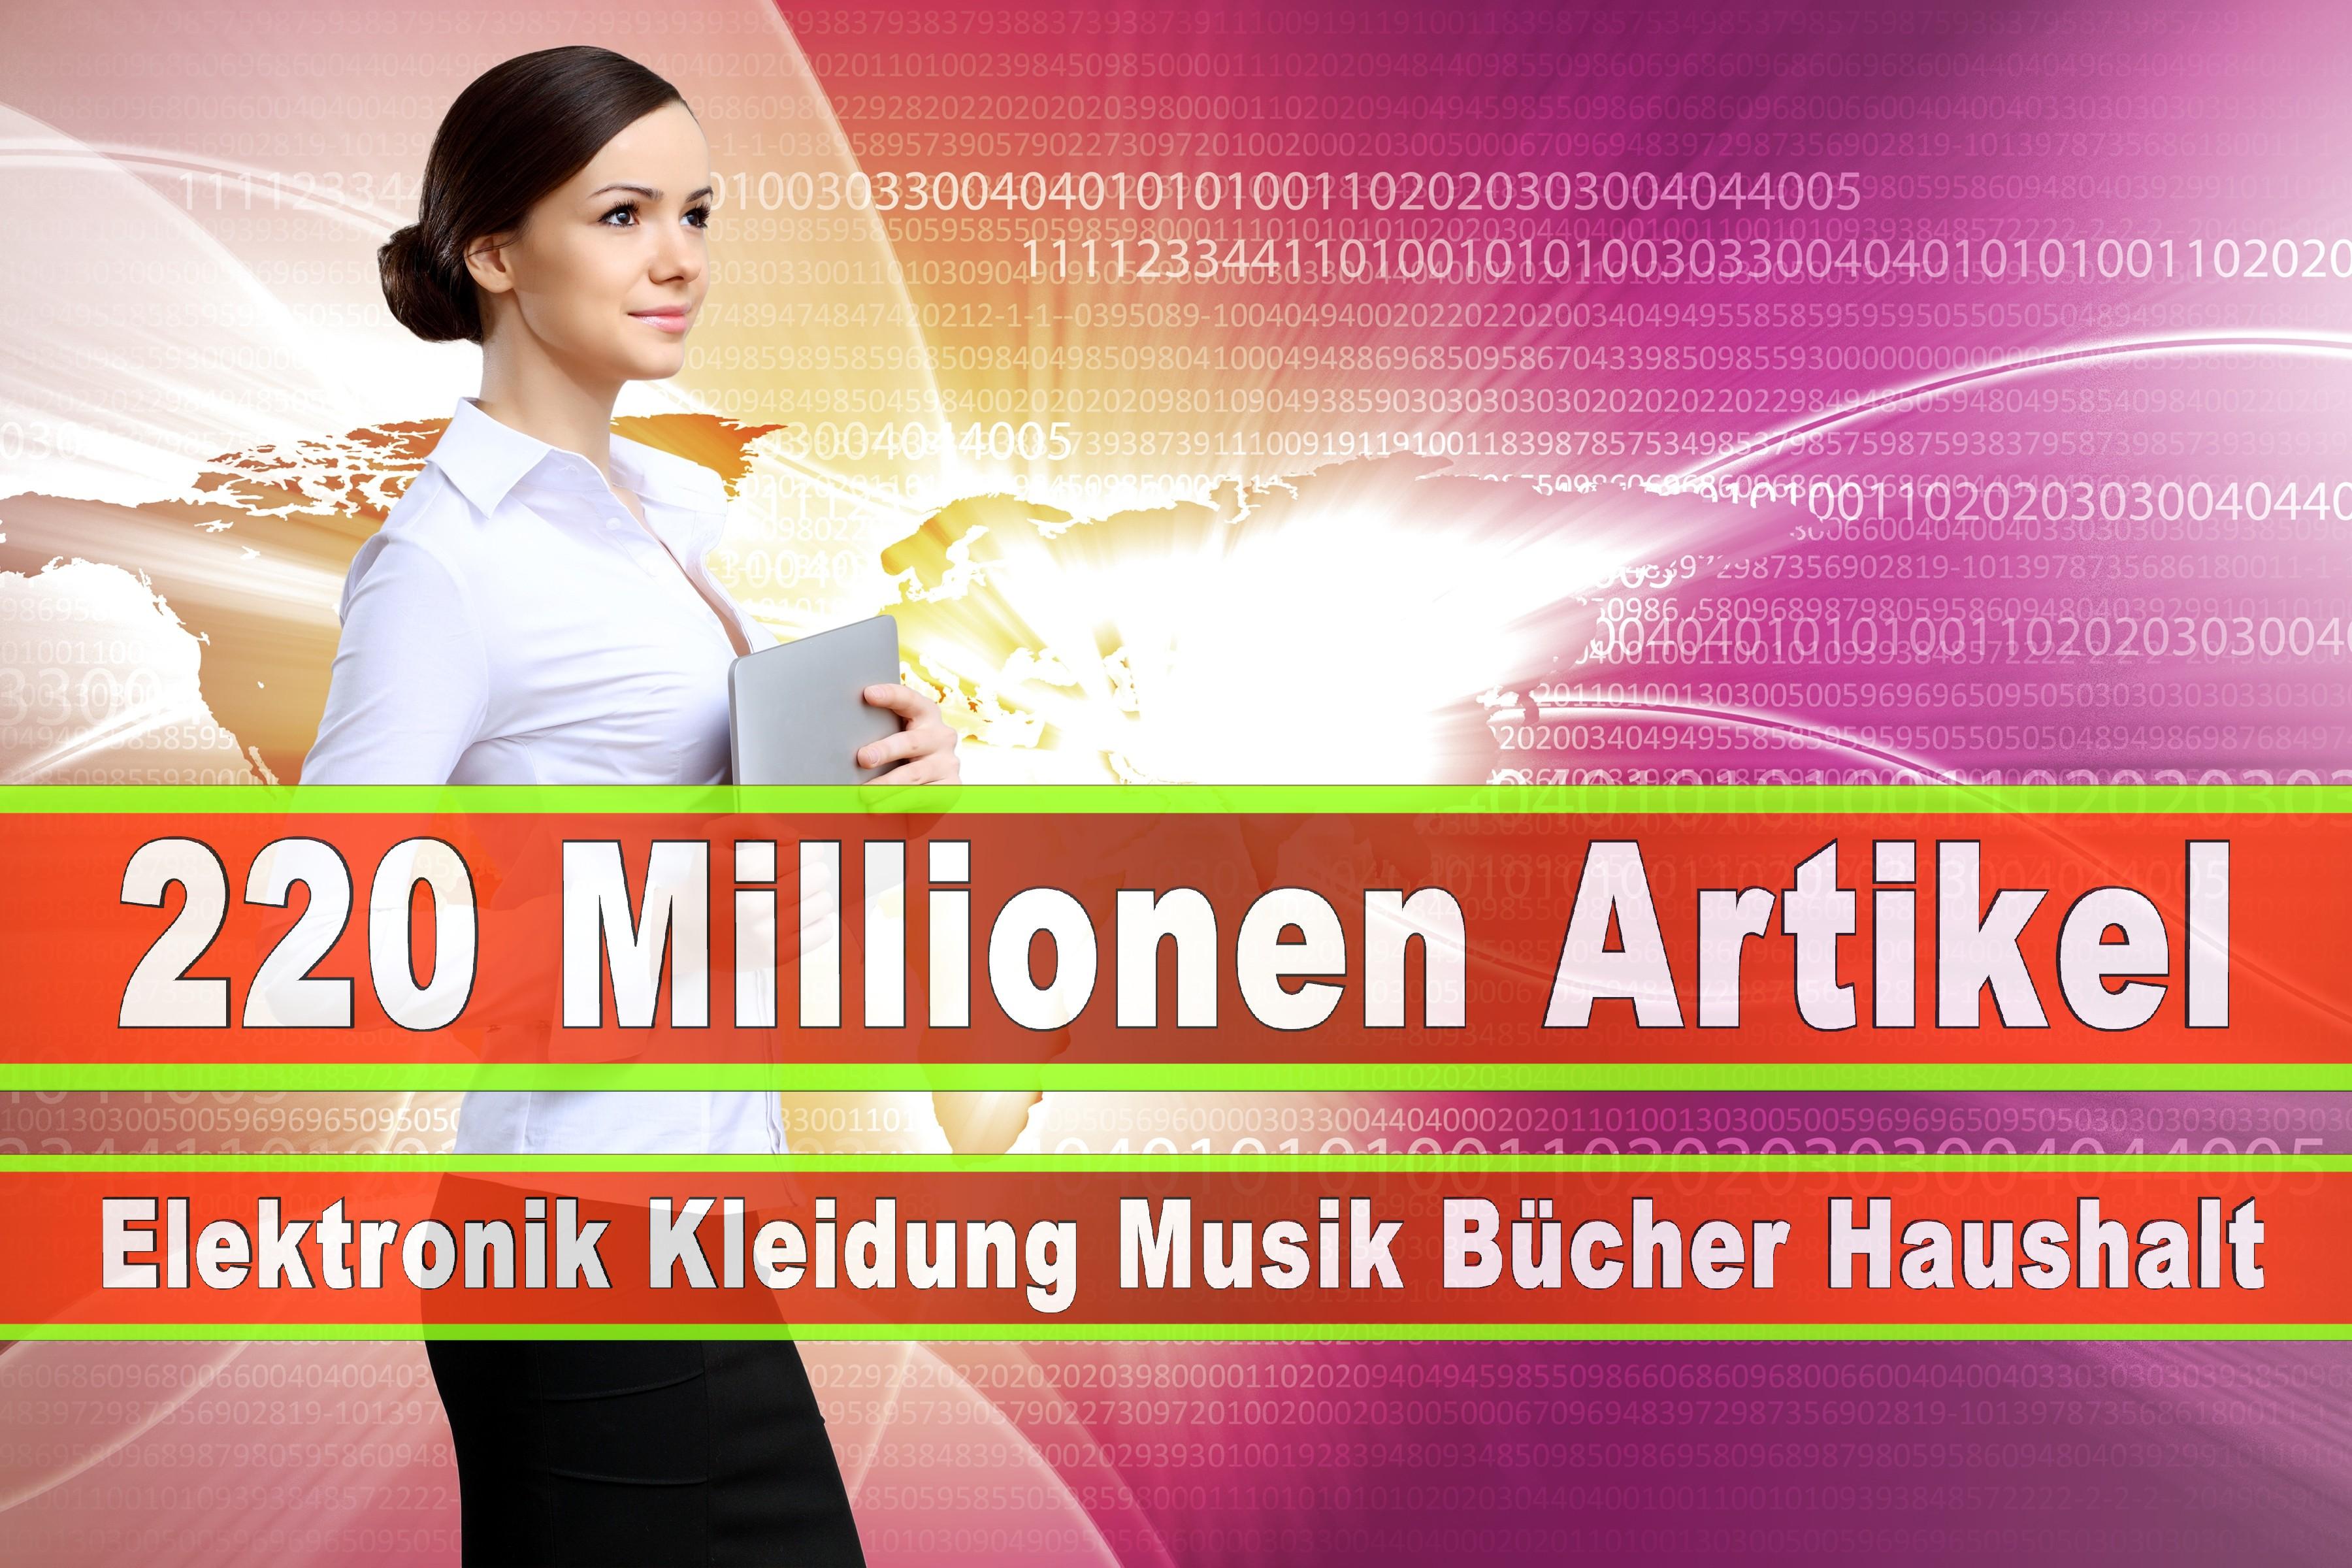 Amazon Elektronik Musik Haushalt Bücher CD DVD Handys Smartphones TV Television Fernseher Kleidung Mode Ebay Versandhaus (87)